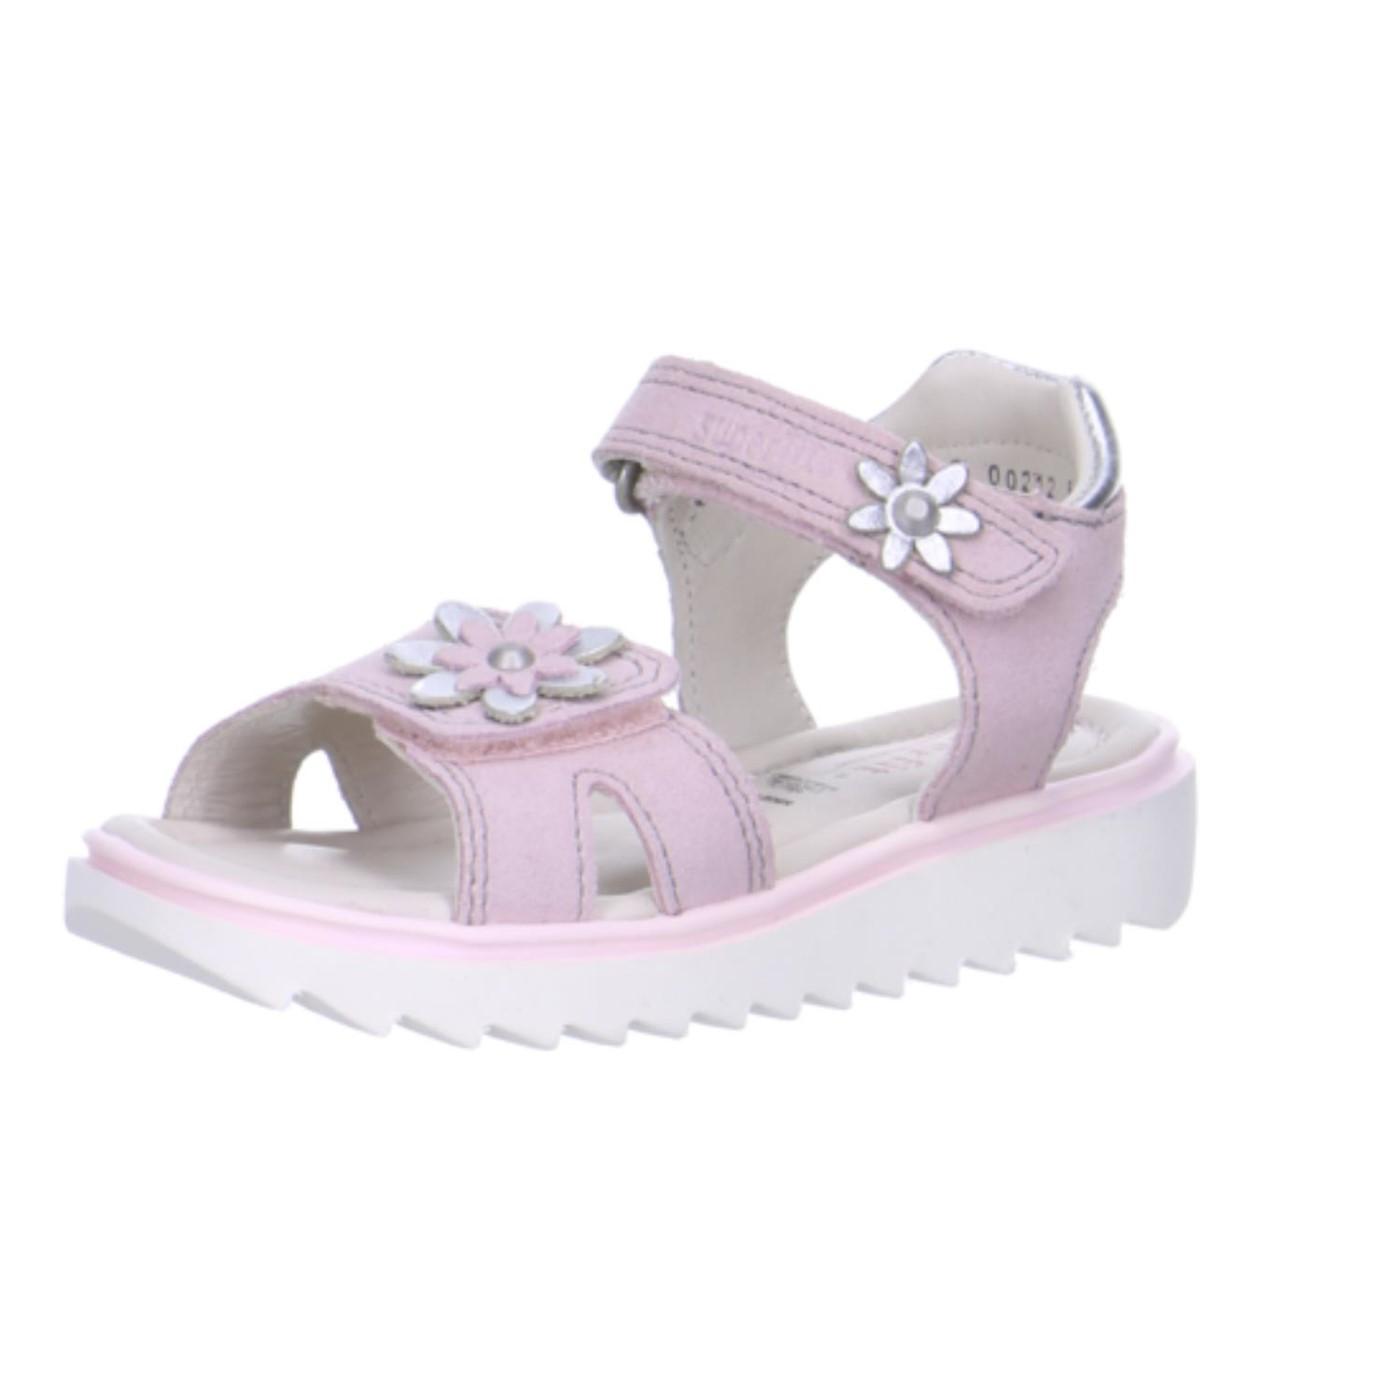 a9b1ad87448a ELLY sandal 600212 - Holst Sko